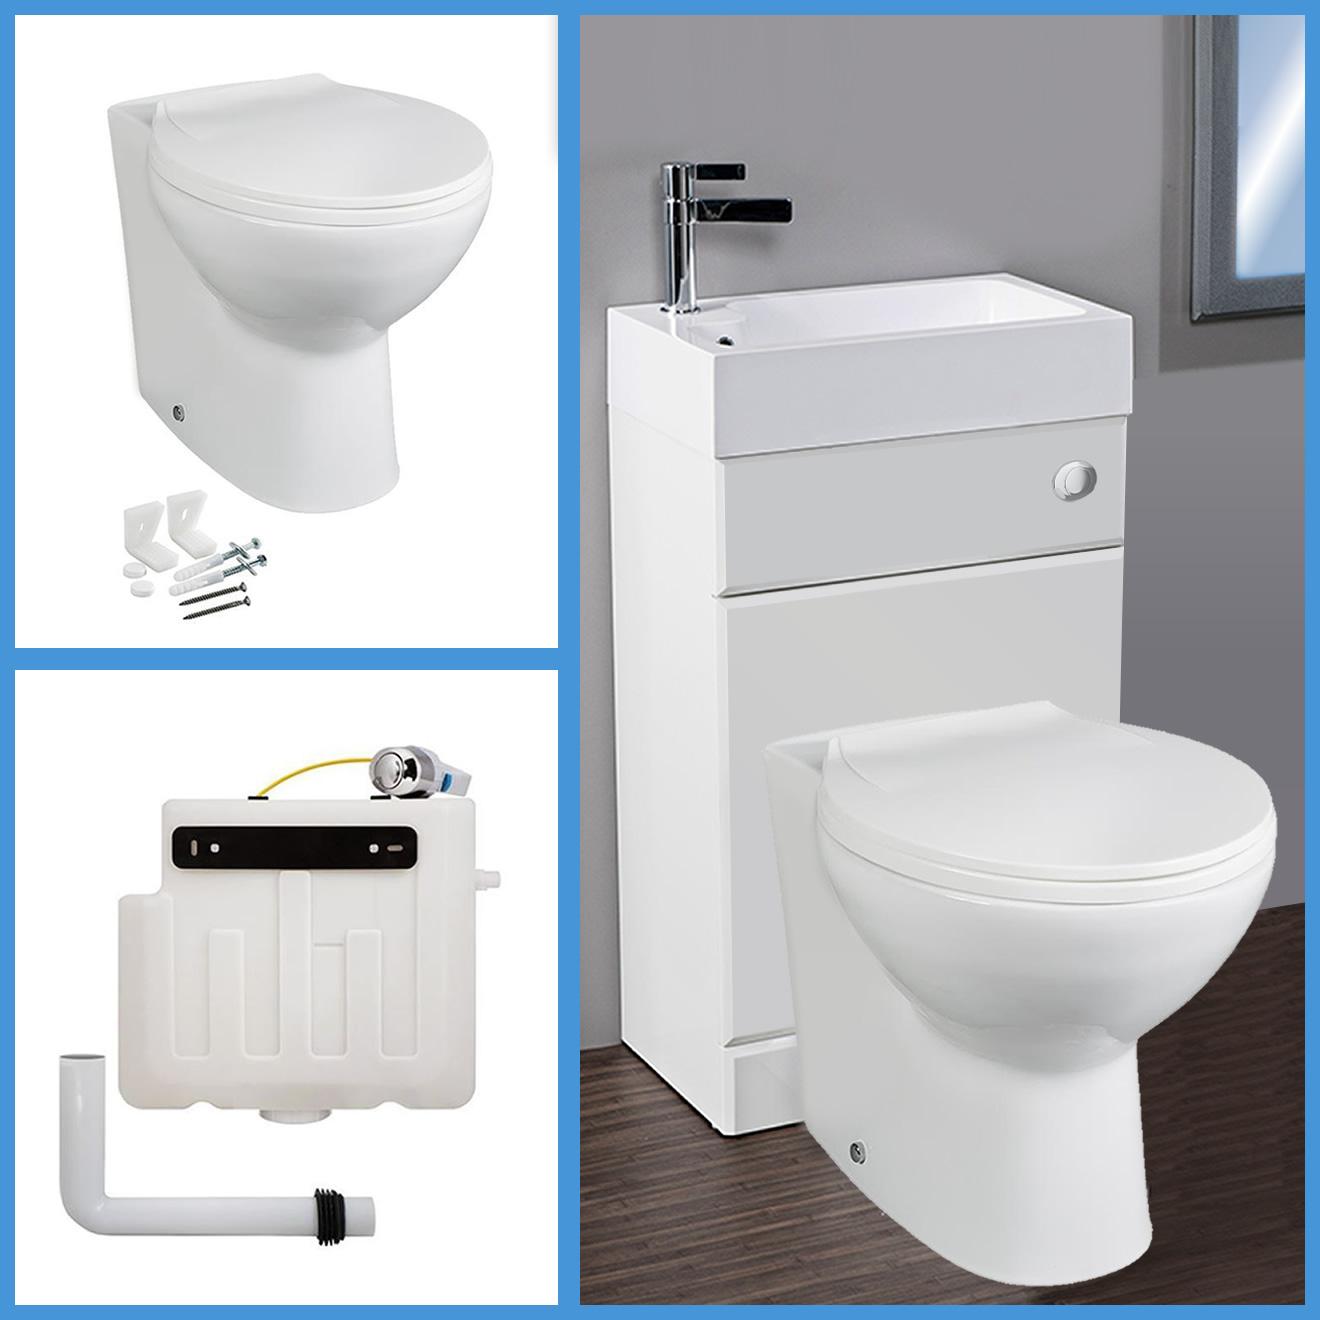 back to wall btw wc basin vanity unit toilet concealed. Black Bedroom Furniture Sets. Home Design Ideas